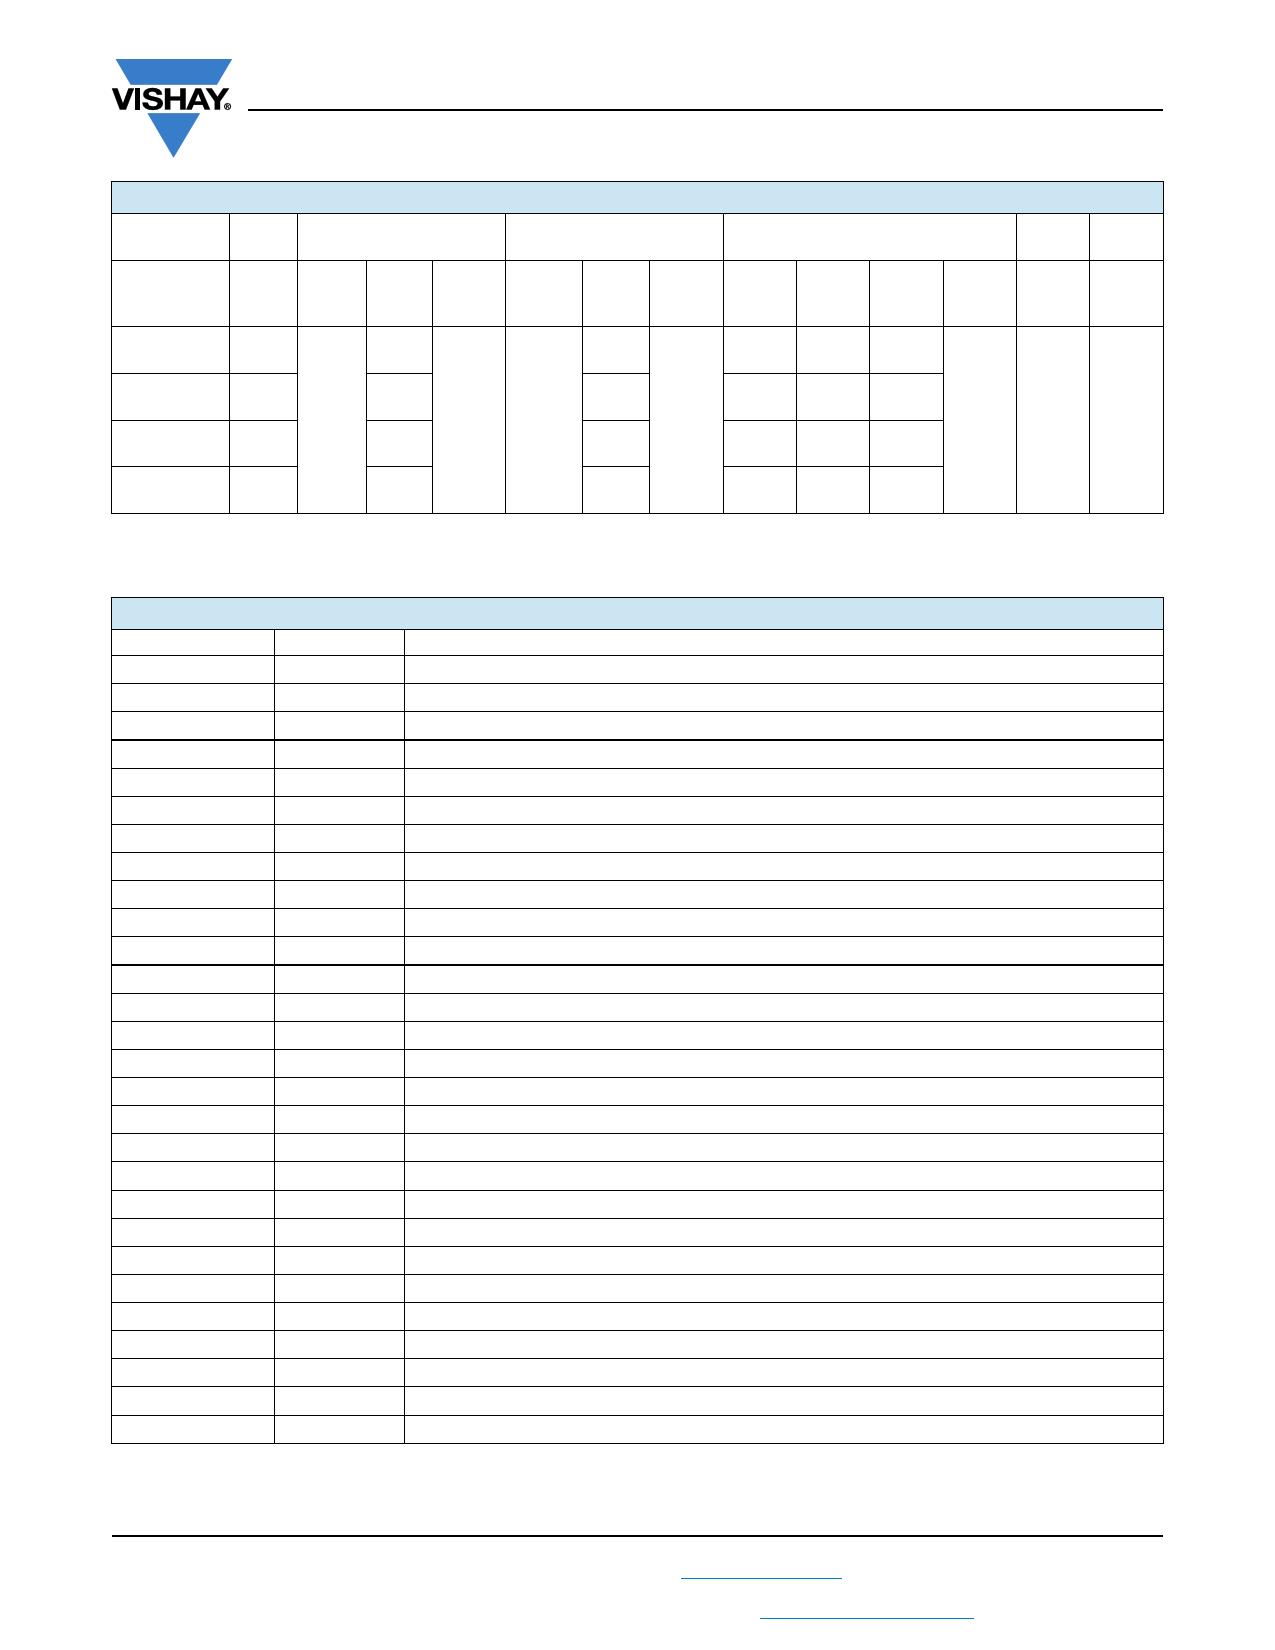 199D336Xxxxx pdf, 電子部品, 半導体, ピン配列